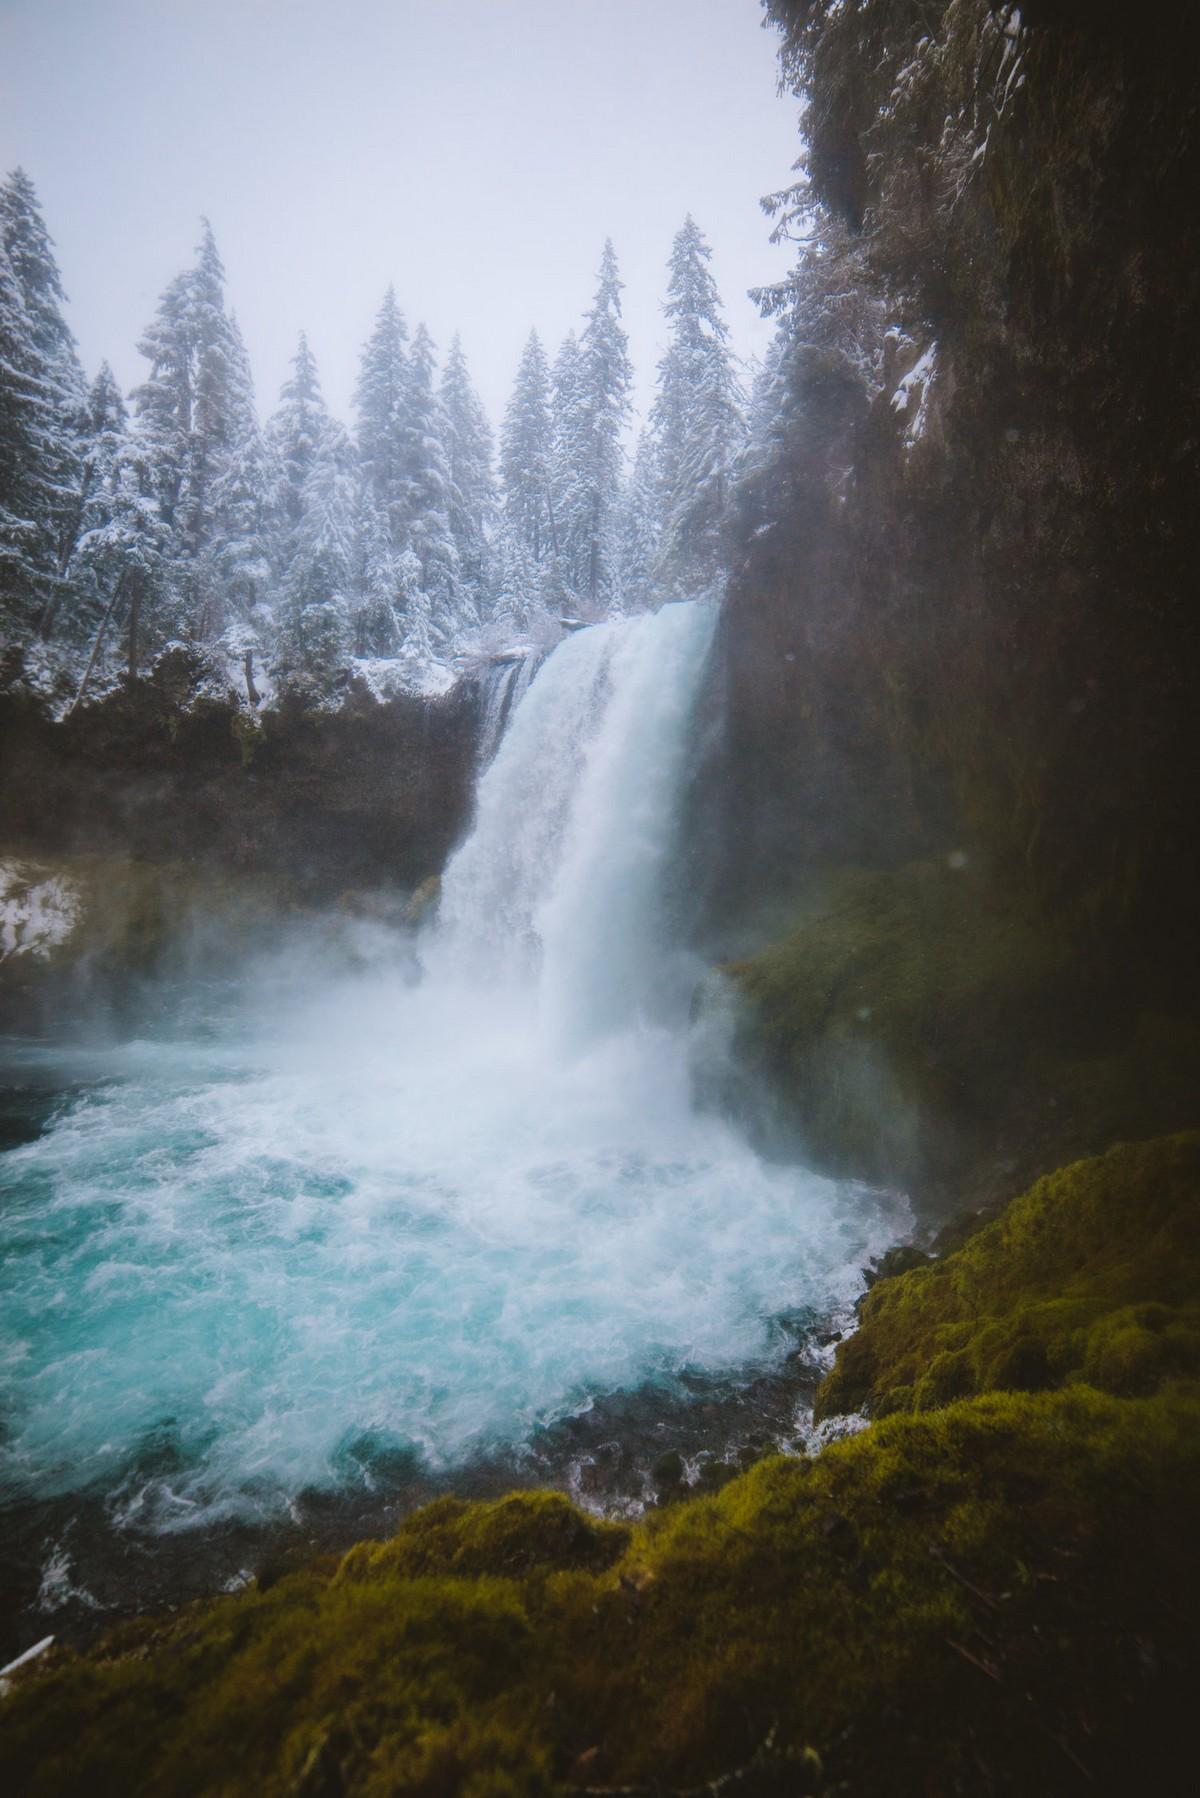 Красота горных пейзажей на снимках Люка Конаржевски